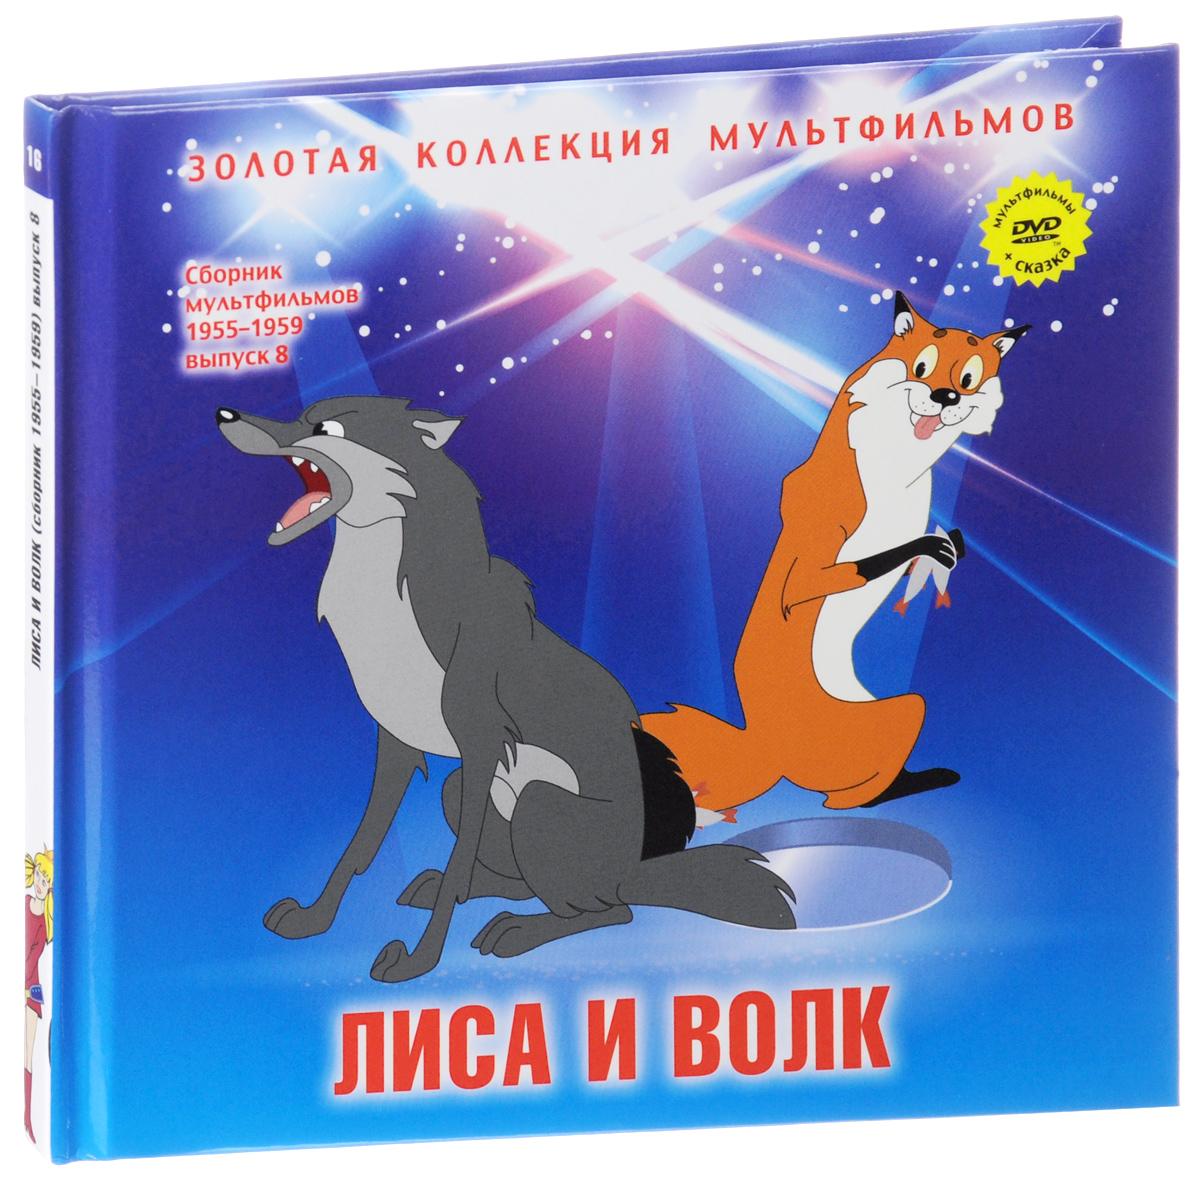 Сборник мультфильмов 1955-1959: Выпуск 8: Лиса и волк